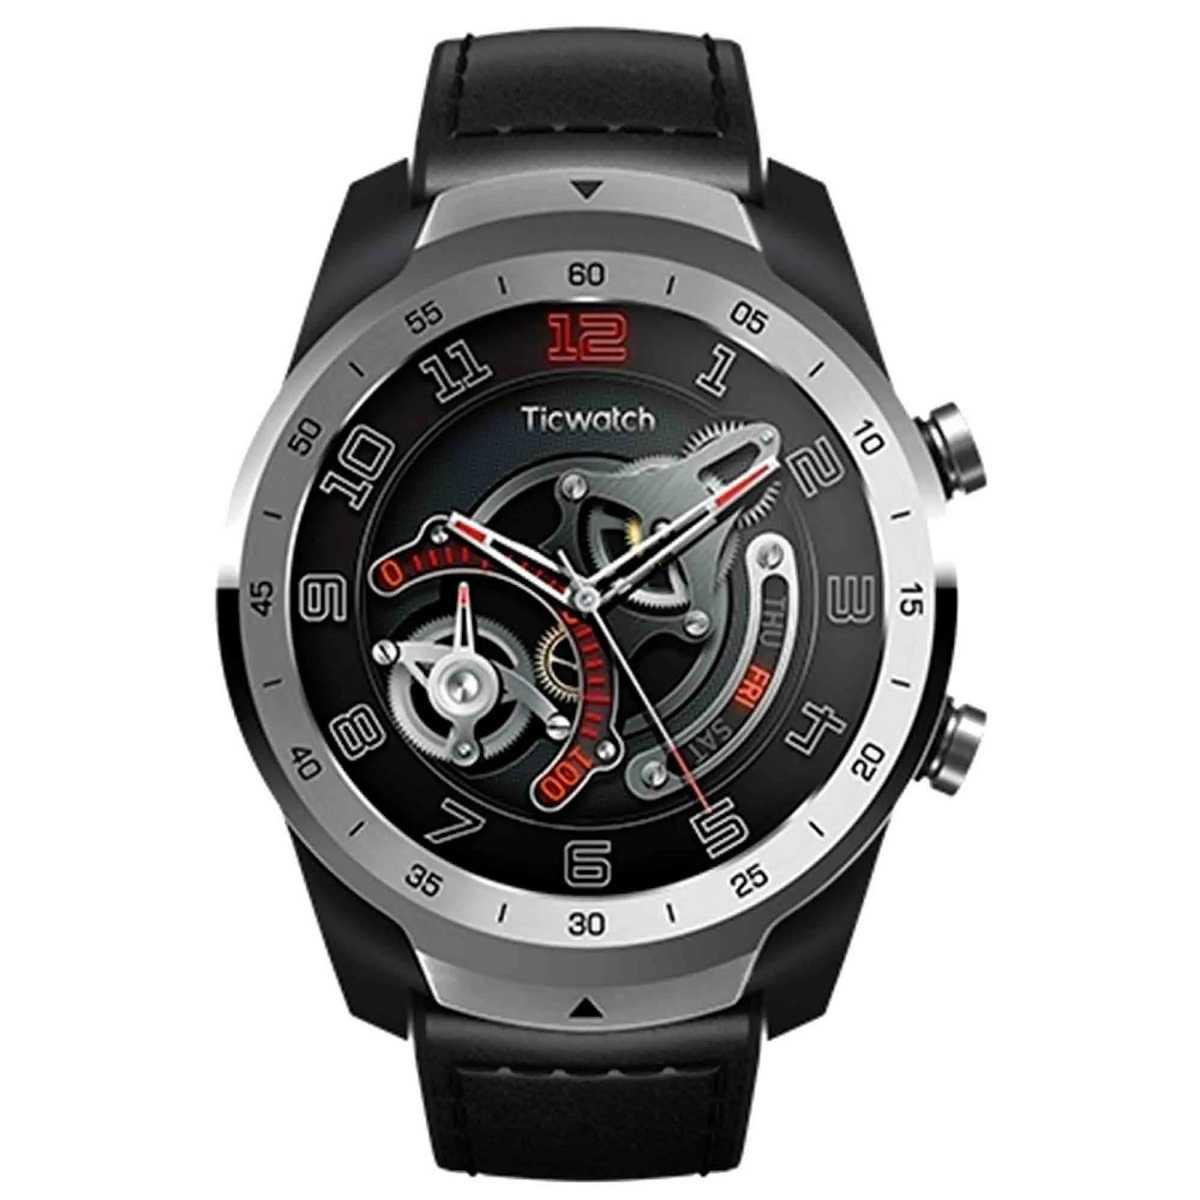 Relógio Smartwatch Mobvoi Ticwatch PRO SXPX Com GPS integrado Prateado Couro Nfc